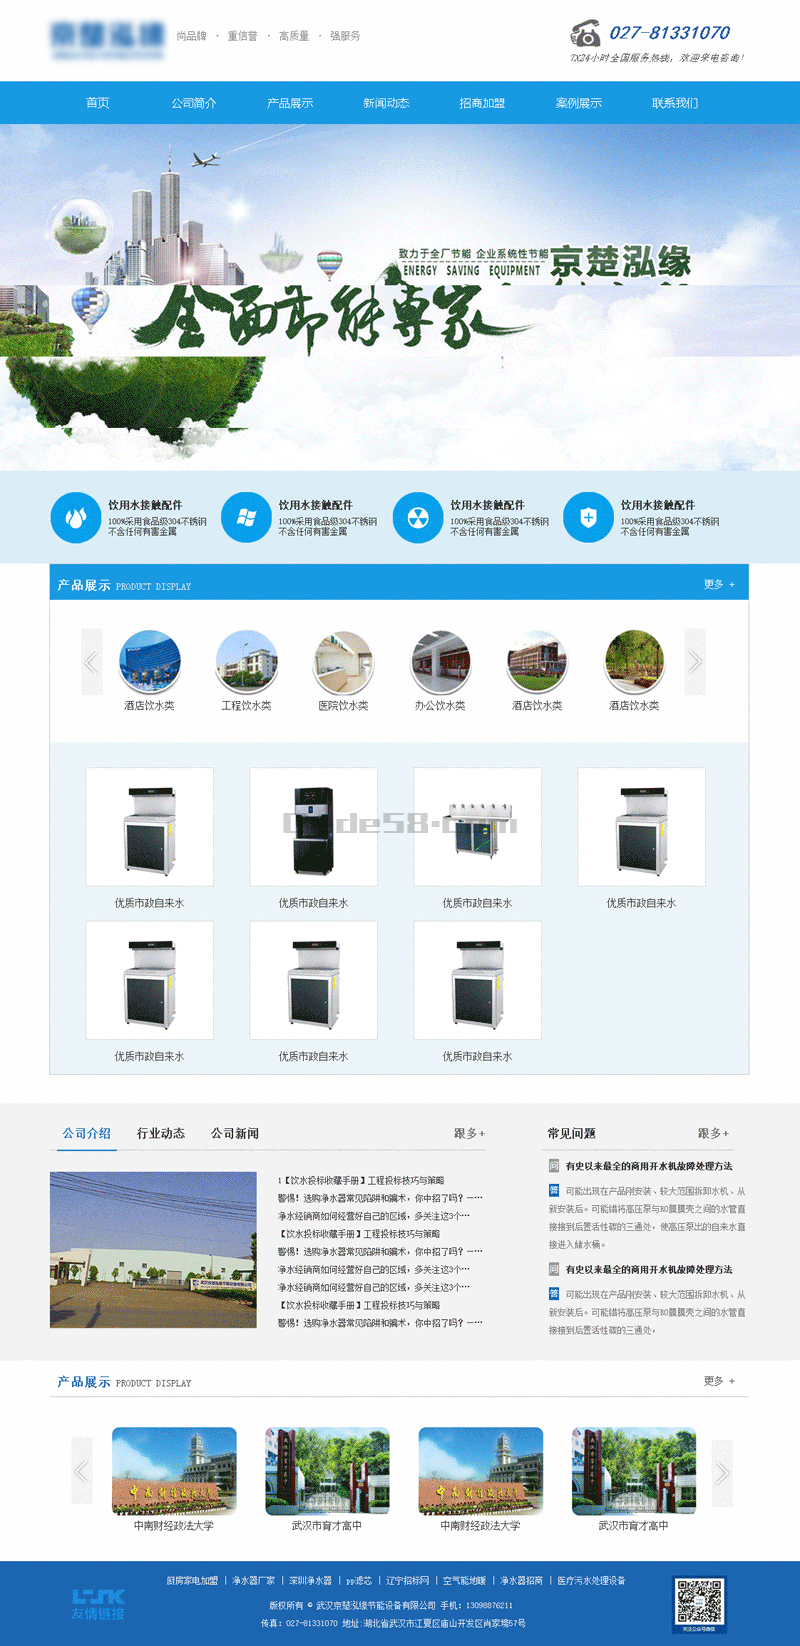 蓝色的净水器设备公司网站html整站模板